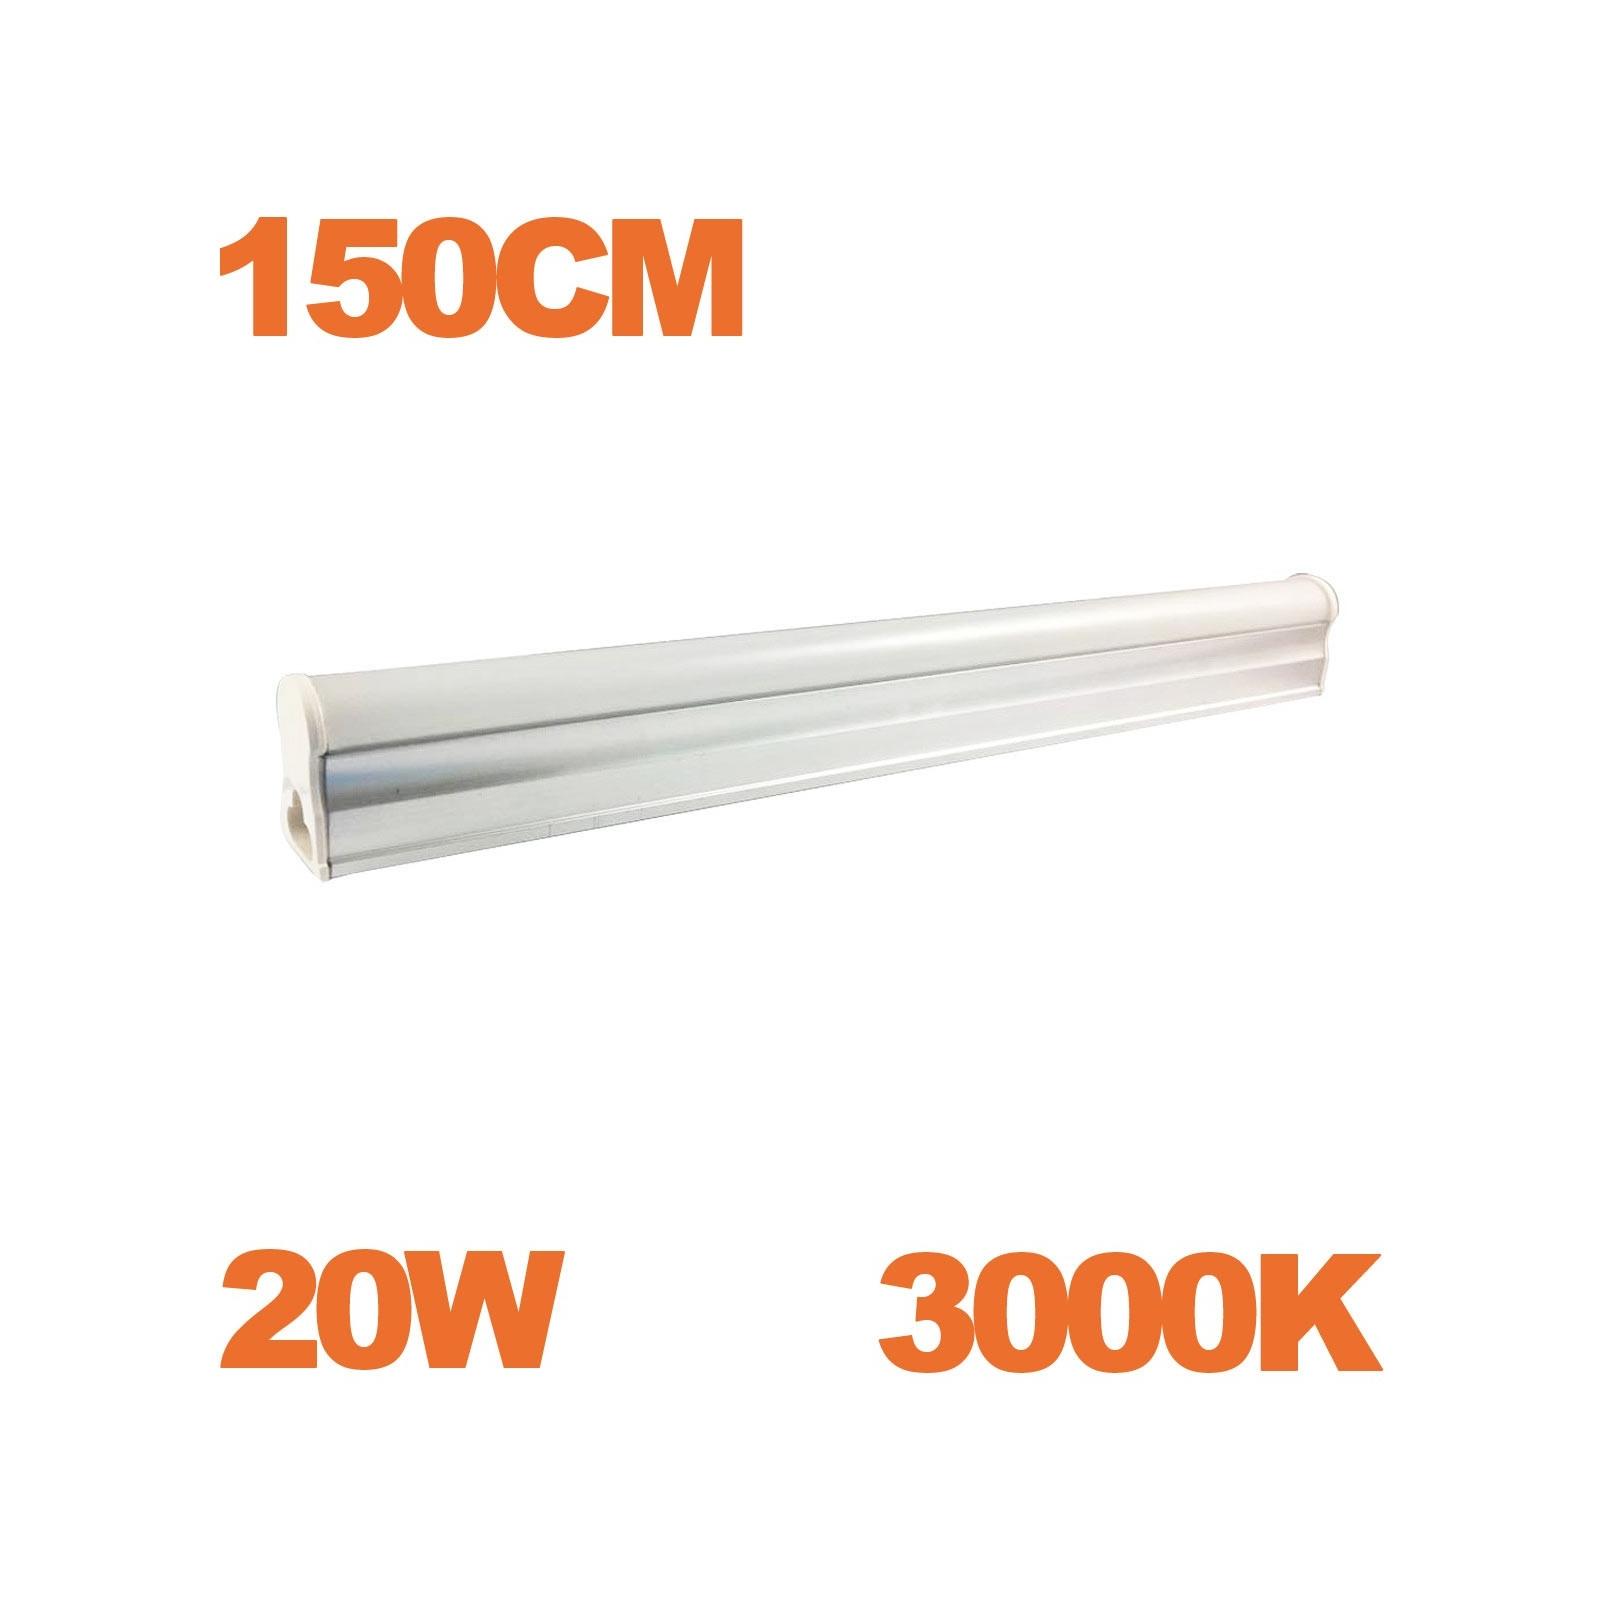 Tube LED T5 Puissance 20W Longueur 150cm Blanc Chaud 2700K